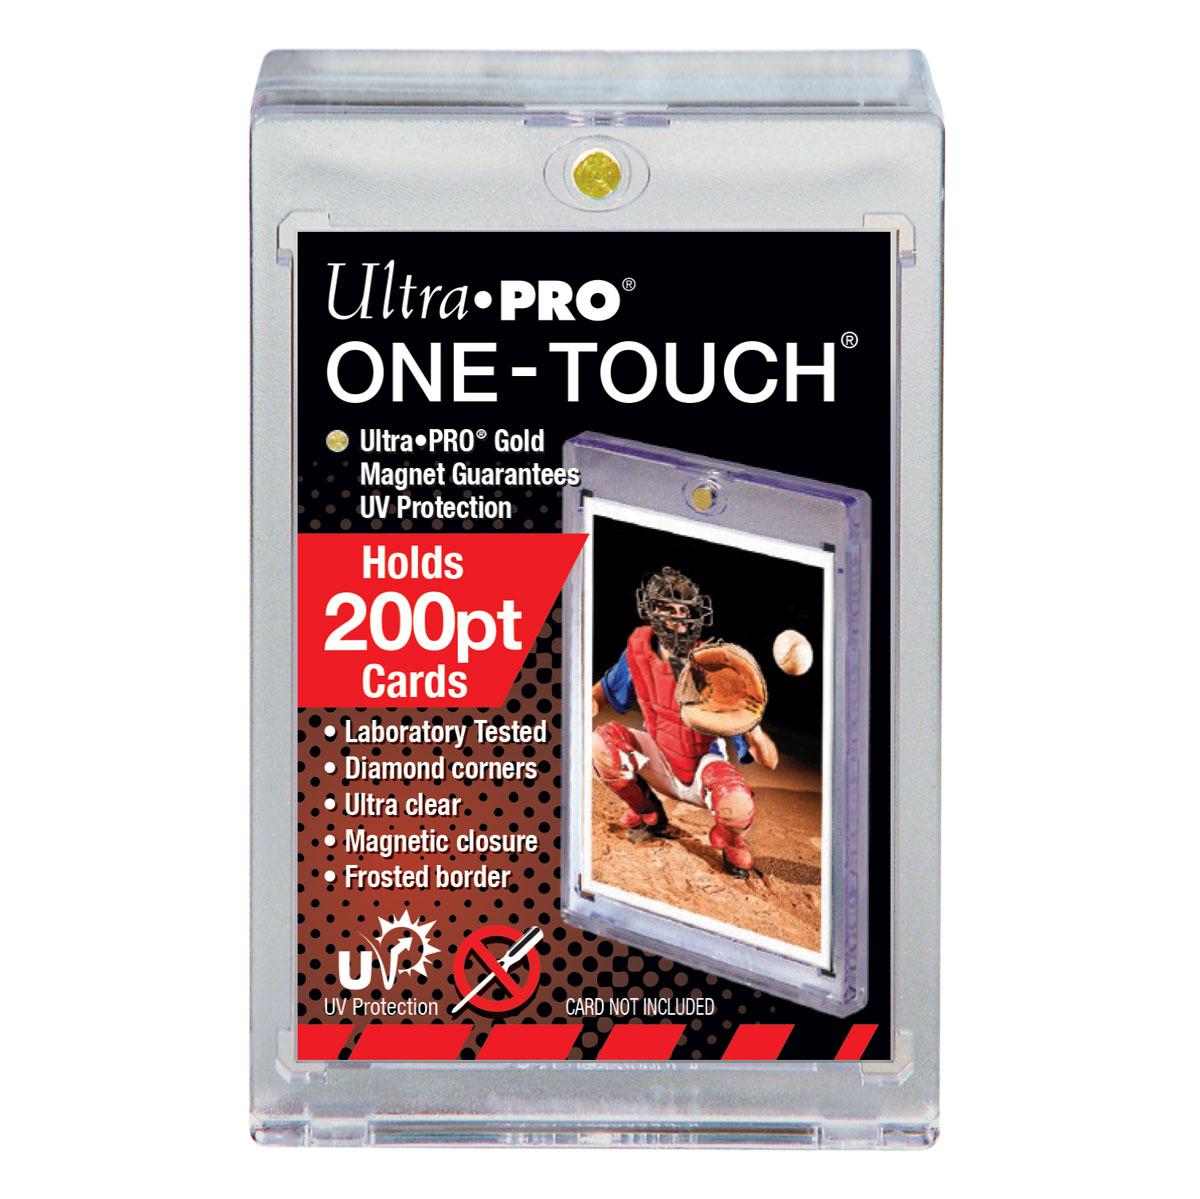 ウルトラプロ (Ultra Pro) 200PT UVワンタッチマグネットホルダー 5.7mm厚 #85834 | 200PT UV ONE-TOUCH Magnetic Holder